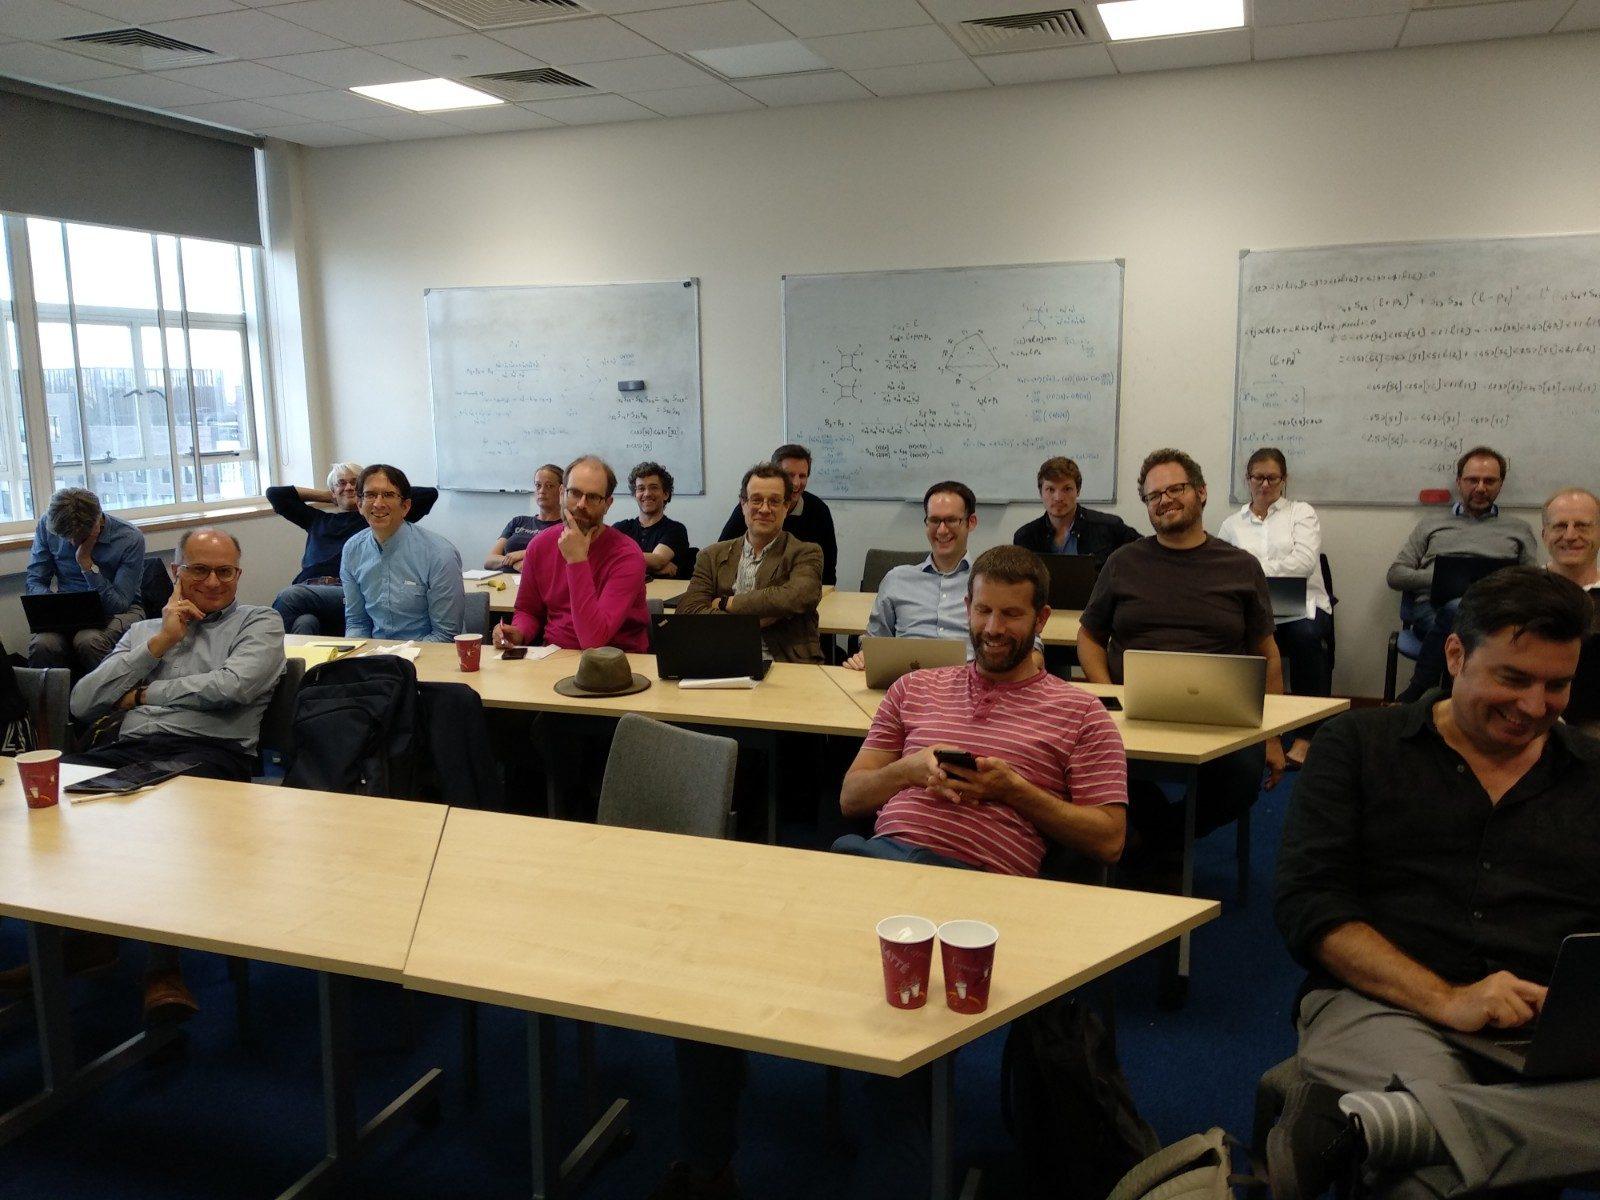 SAGEX consortium members at the kick-off meeting.